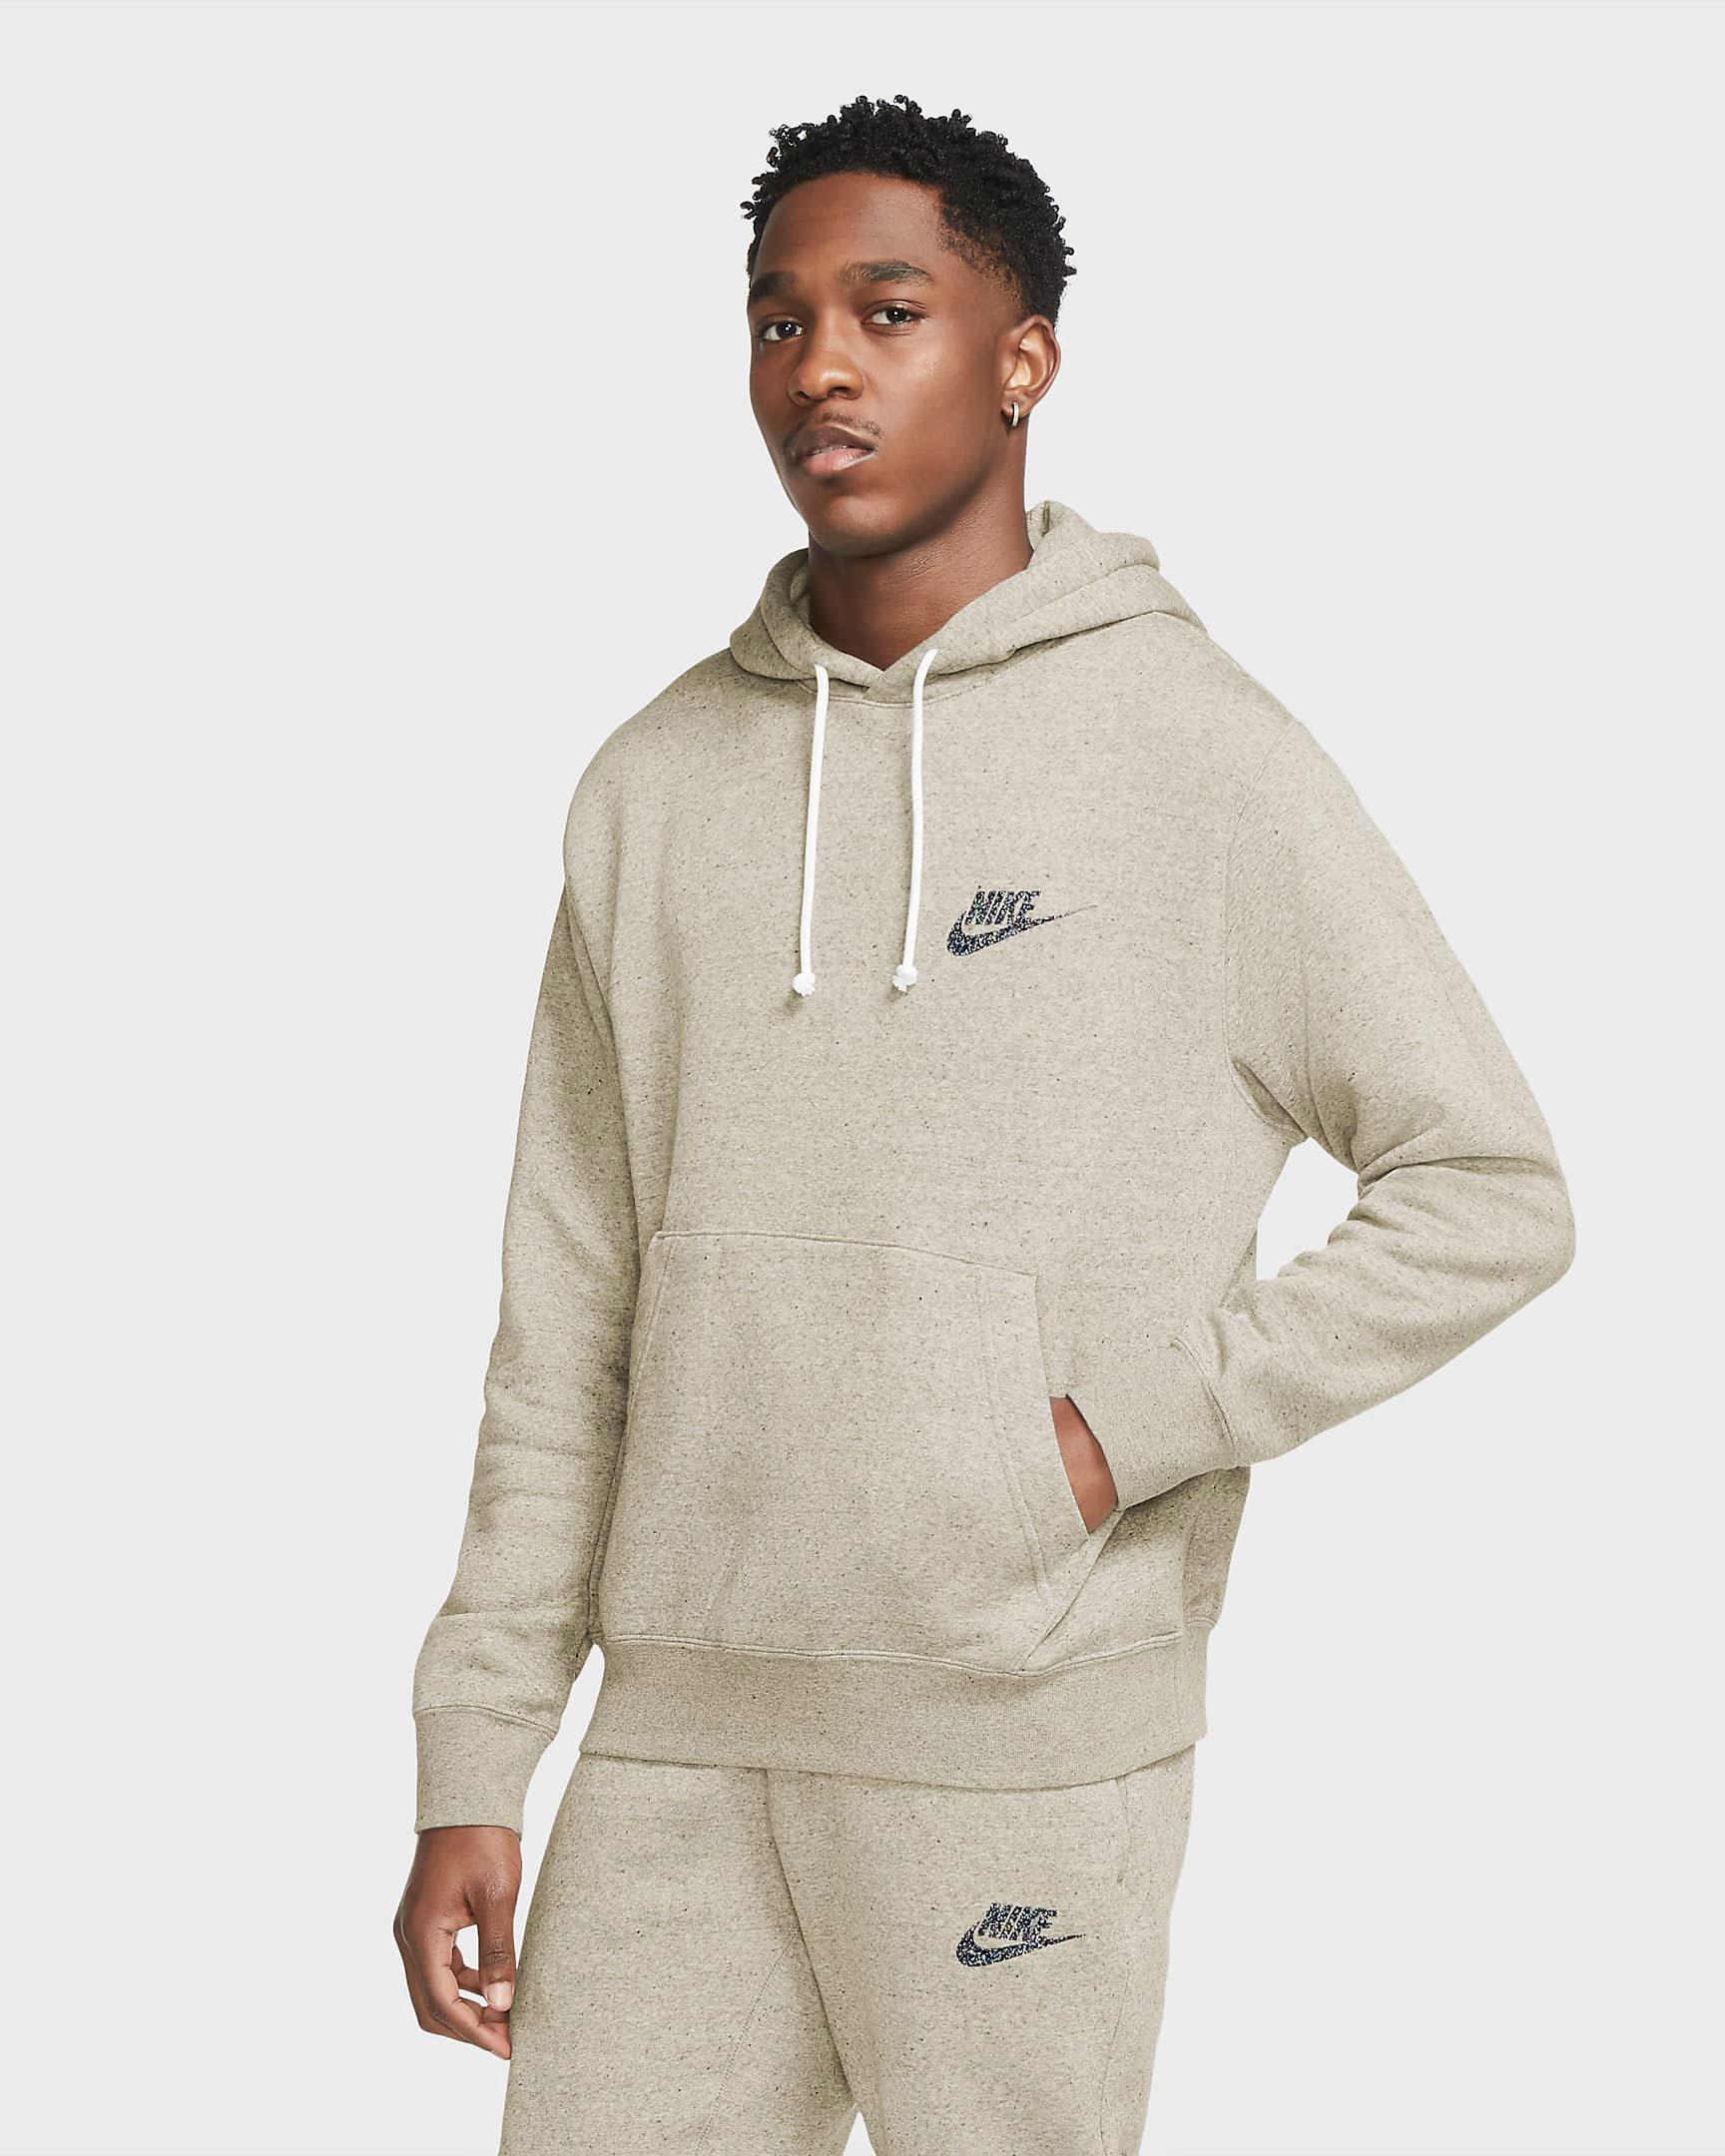 nike-space-hippie-hoodie-beige